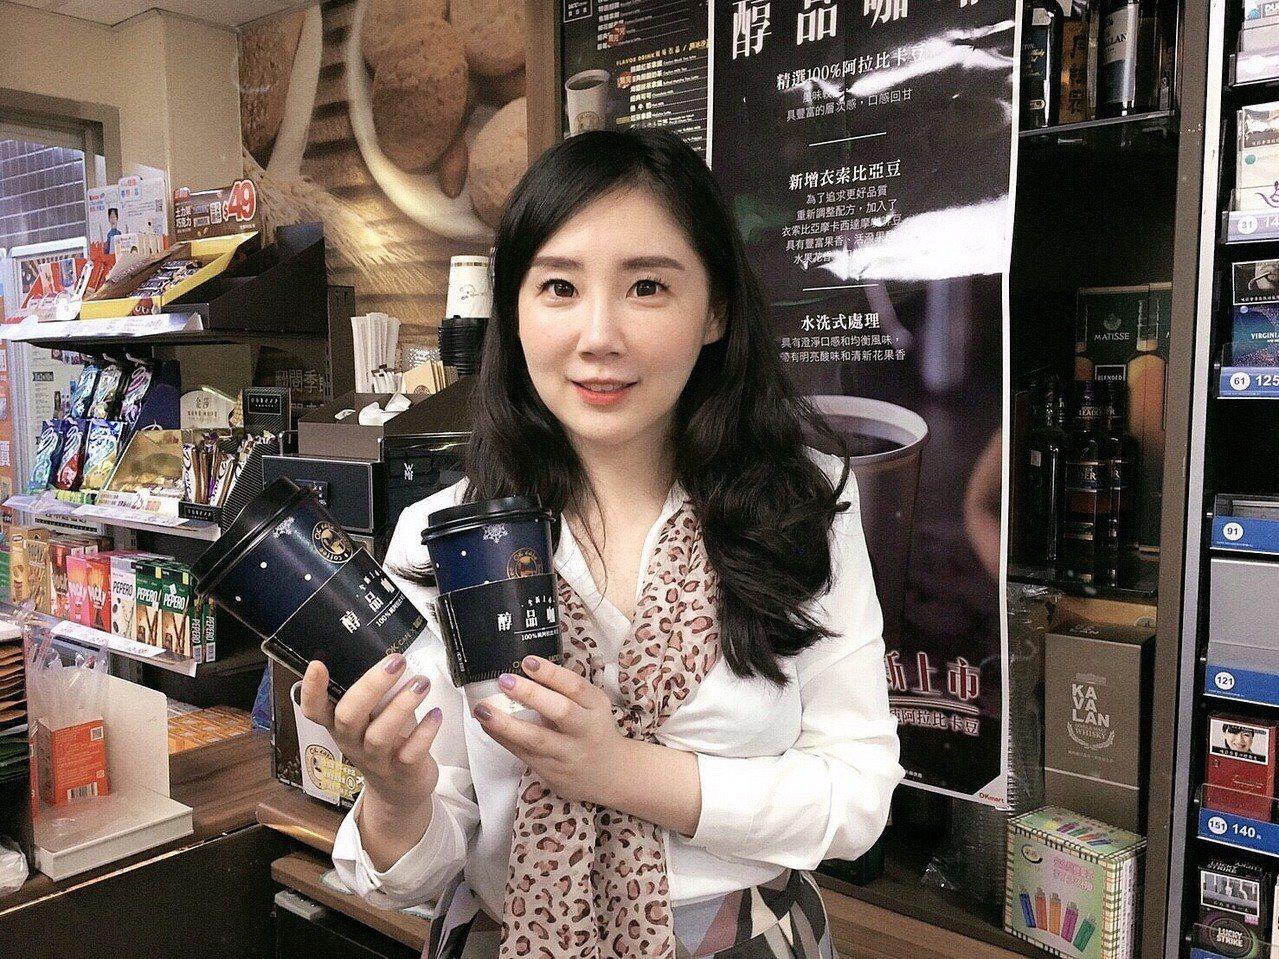 即日起至2019/1/2,OKmart推出OK Cafe會員大杯拿鐵或美式買二送...